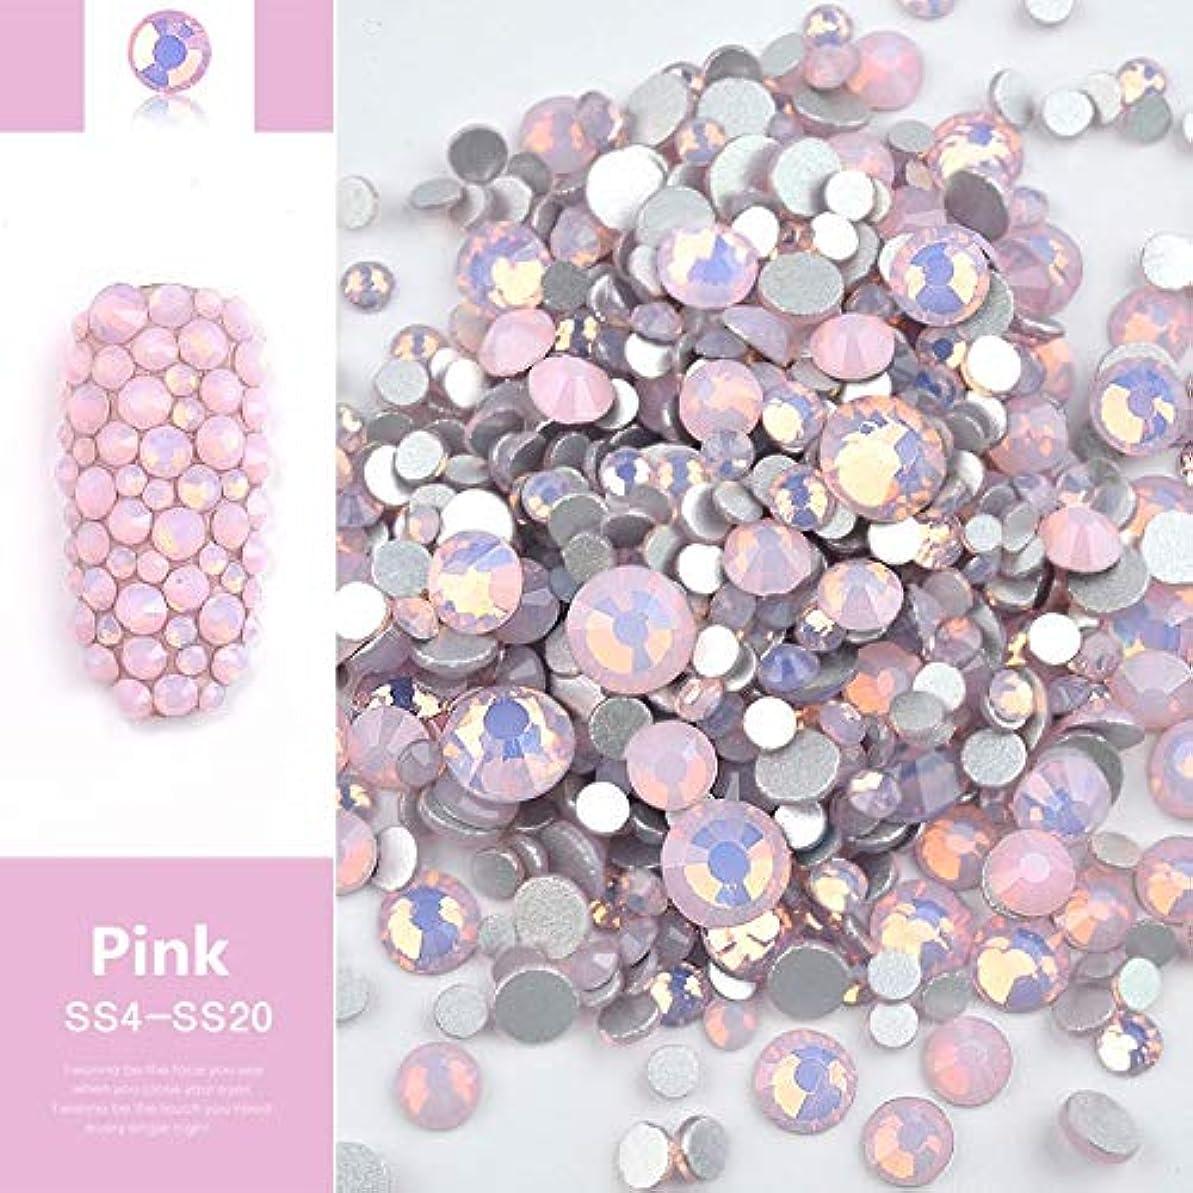 音楽家旋律的不平を言うKerwinner ビーズ樹脂クリスタルラウンドネイルアートミックスフラットバックアクリルラインストーンミックスサイズ1.5-4.5 mm装飾用ネイル (Color : Pink)